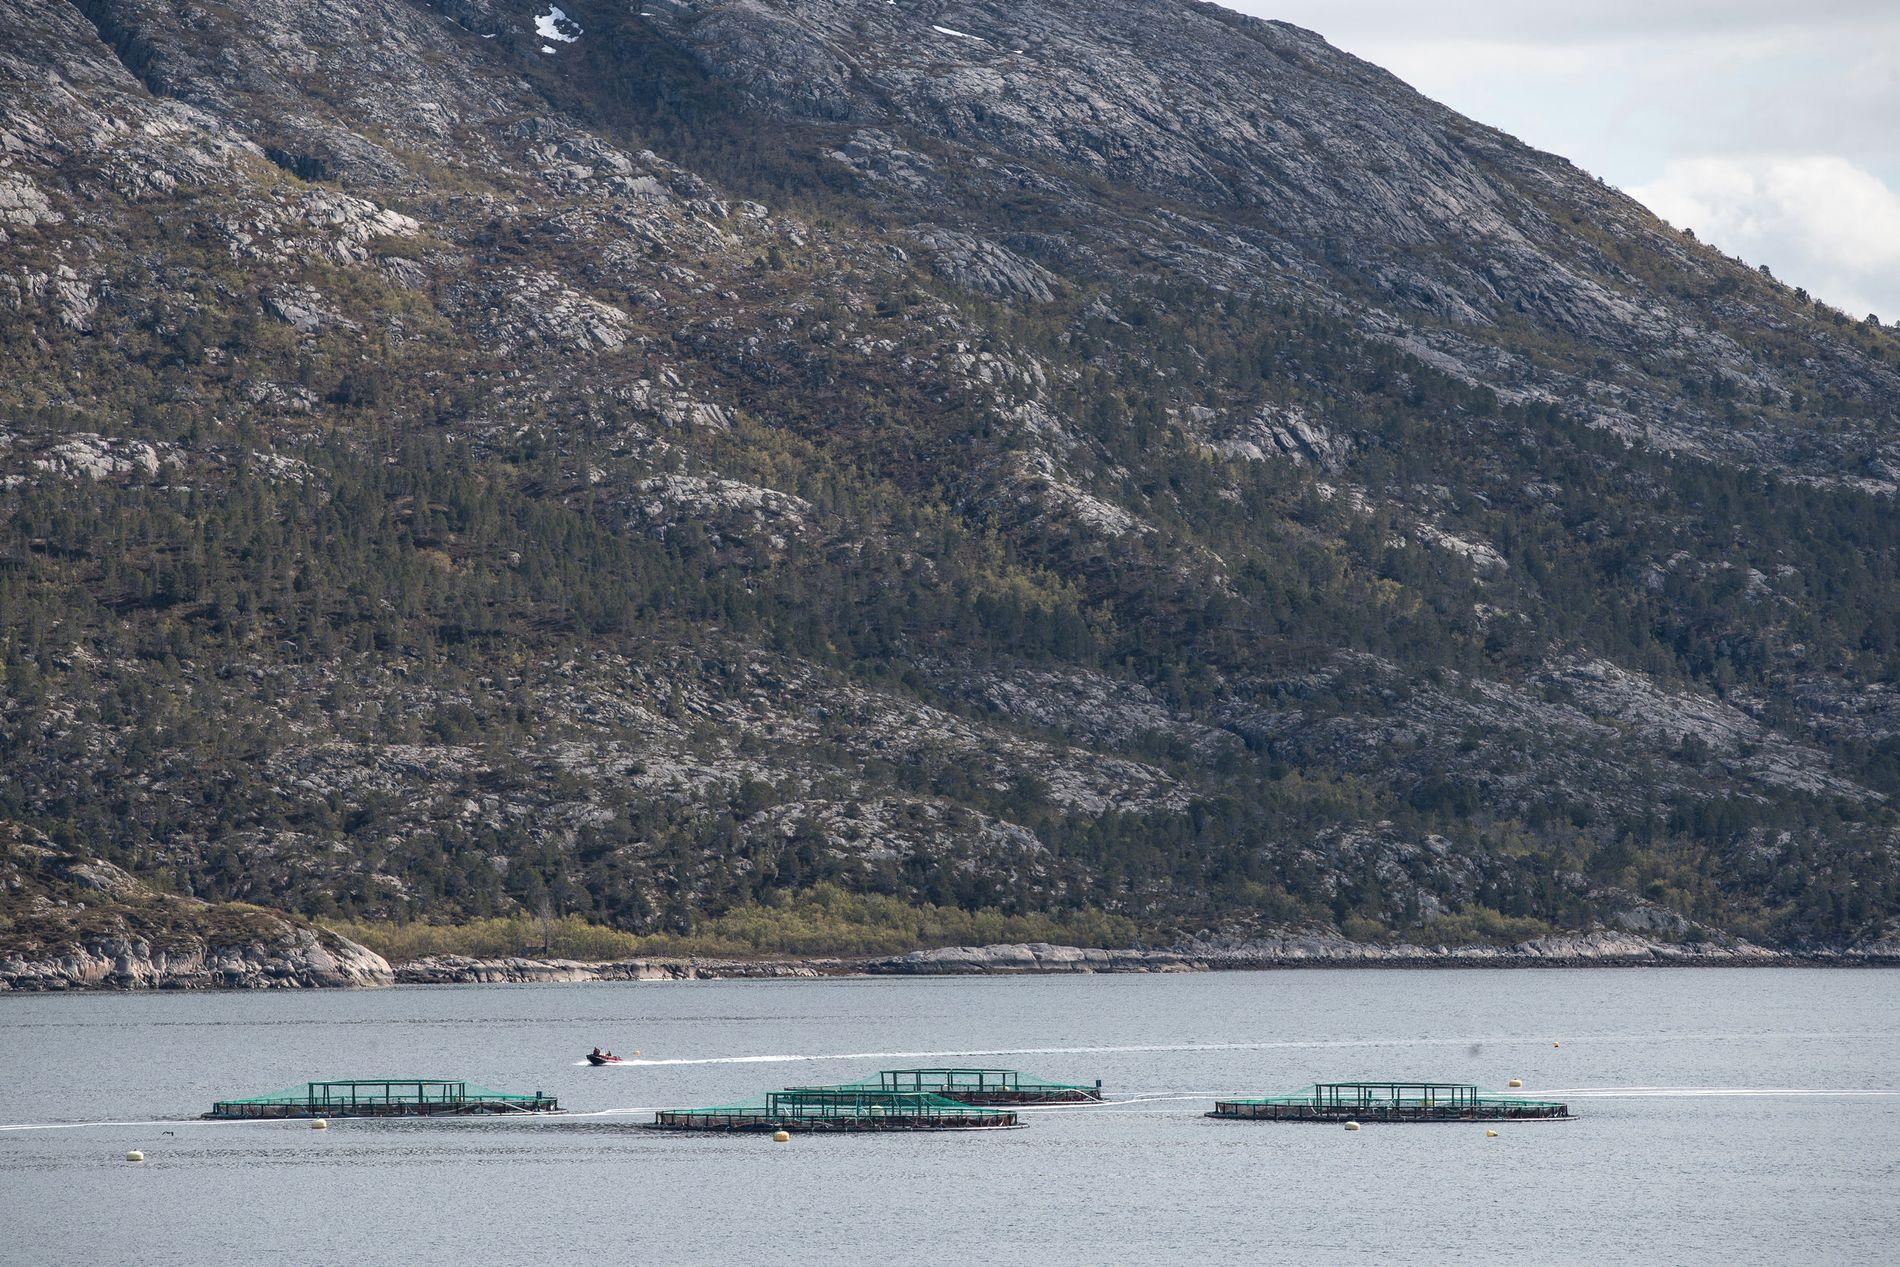 HÅP FOR SMOLTEN: Her svømmer 350 000 smolt, og 50 000 har bukket under for alger. Dør resten, har ikke Mortenlaks voksen laks å selge før 2021.